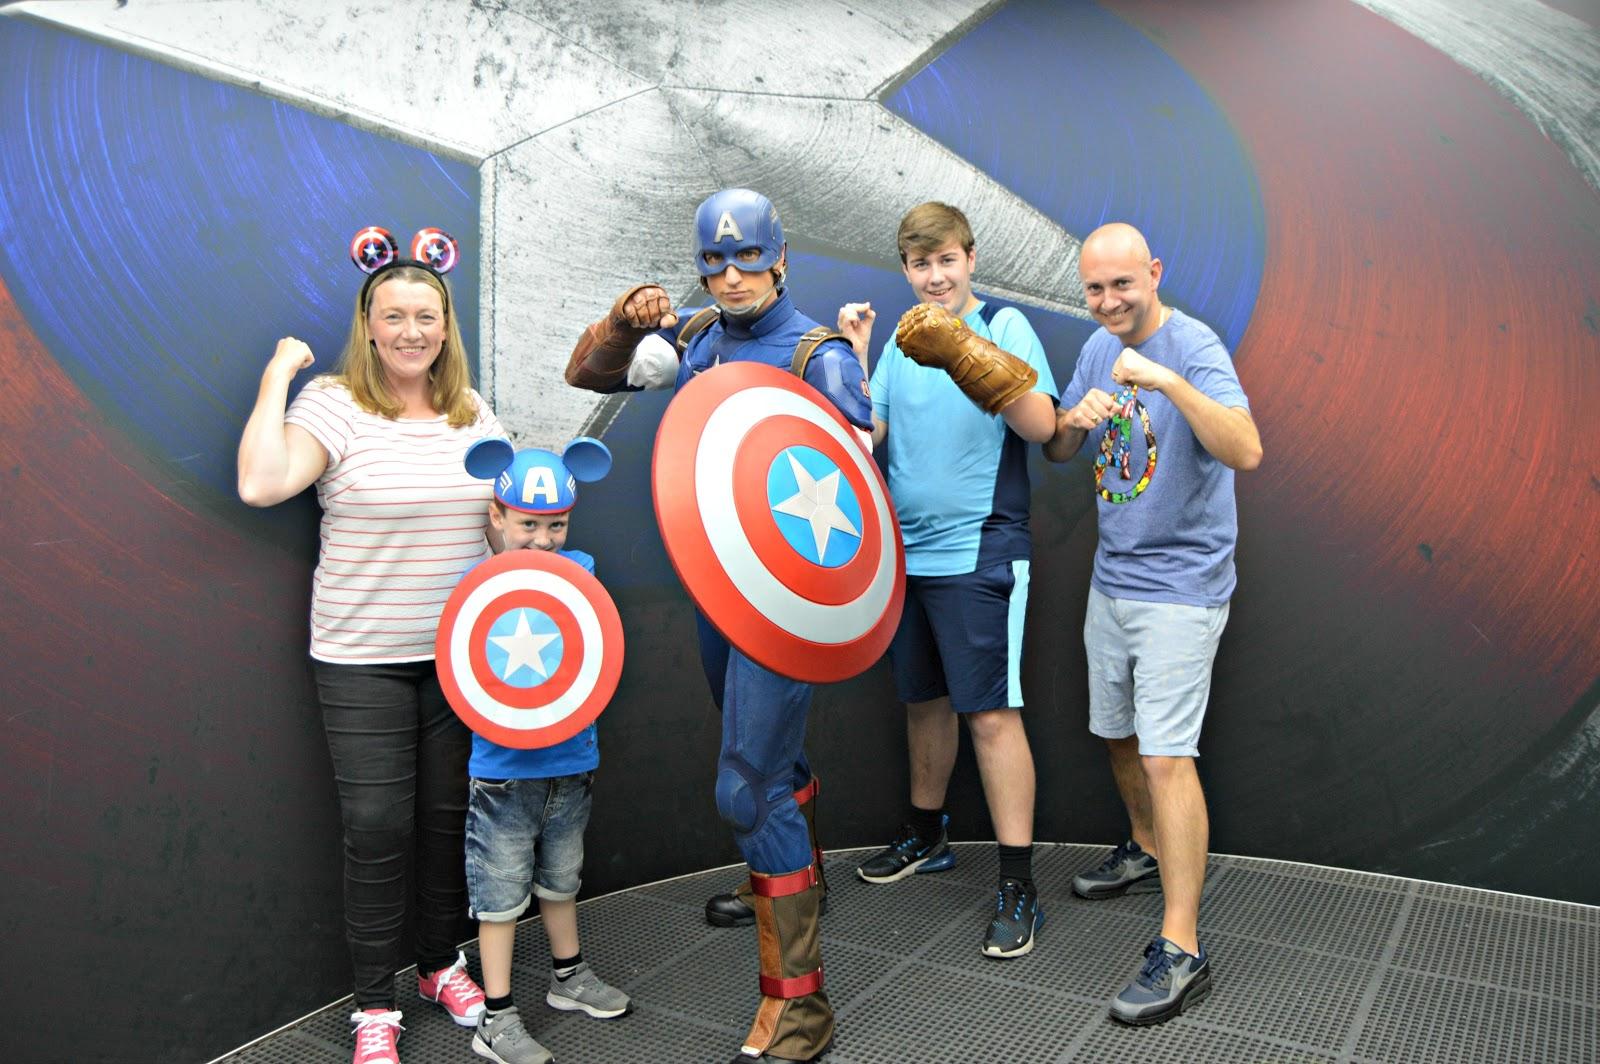 Family meeting captain america at Disneyland Paris